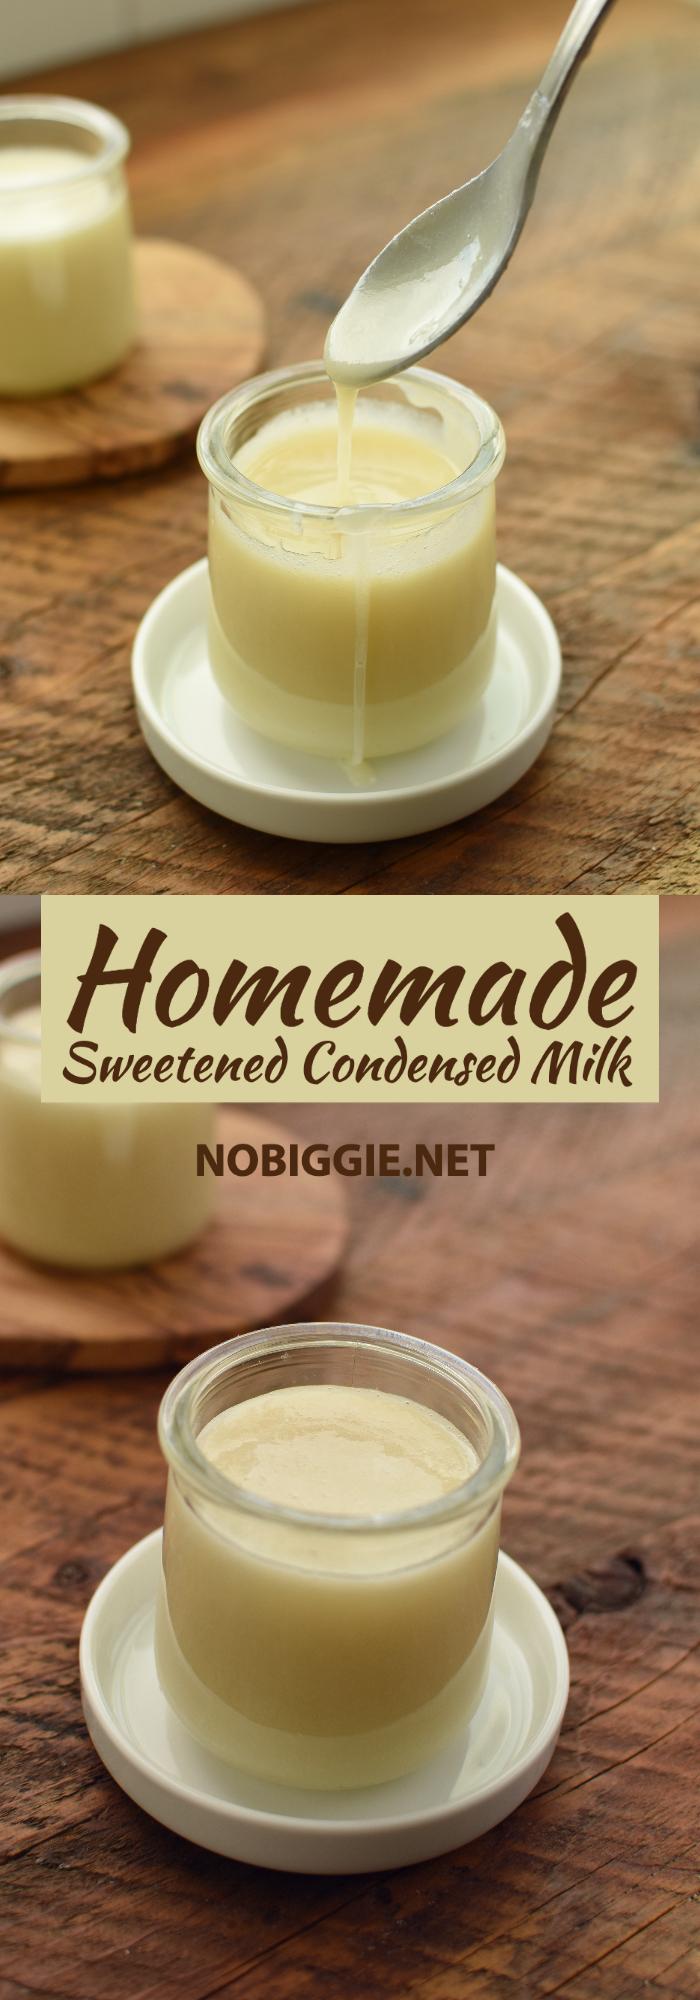 Homemade Sweetened Condensed Milk | Recipe | Homemade ...